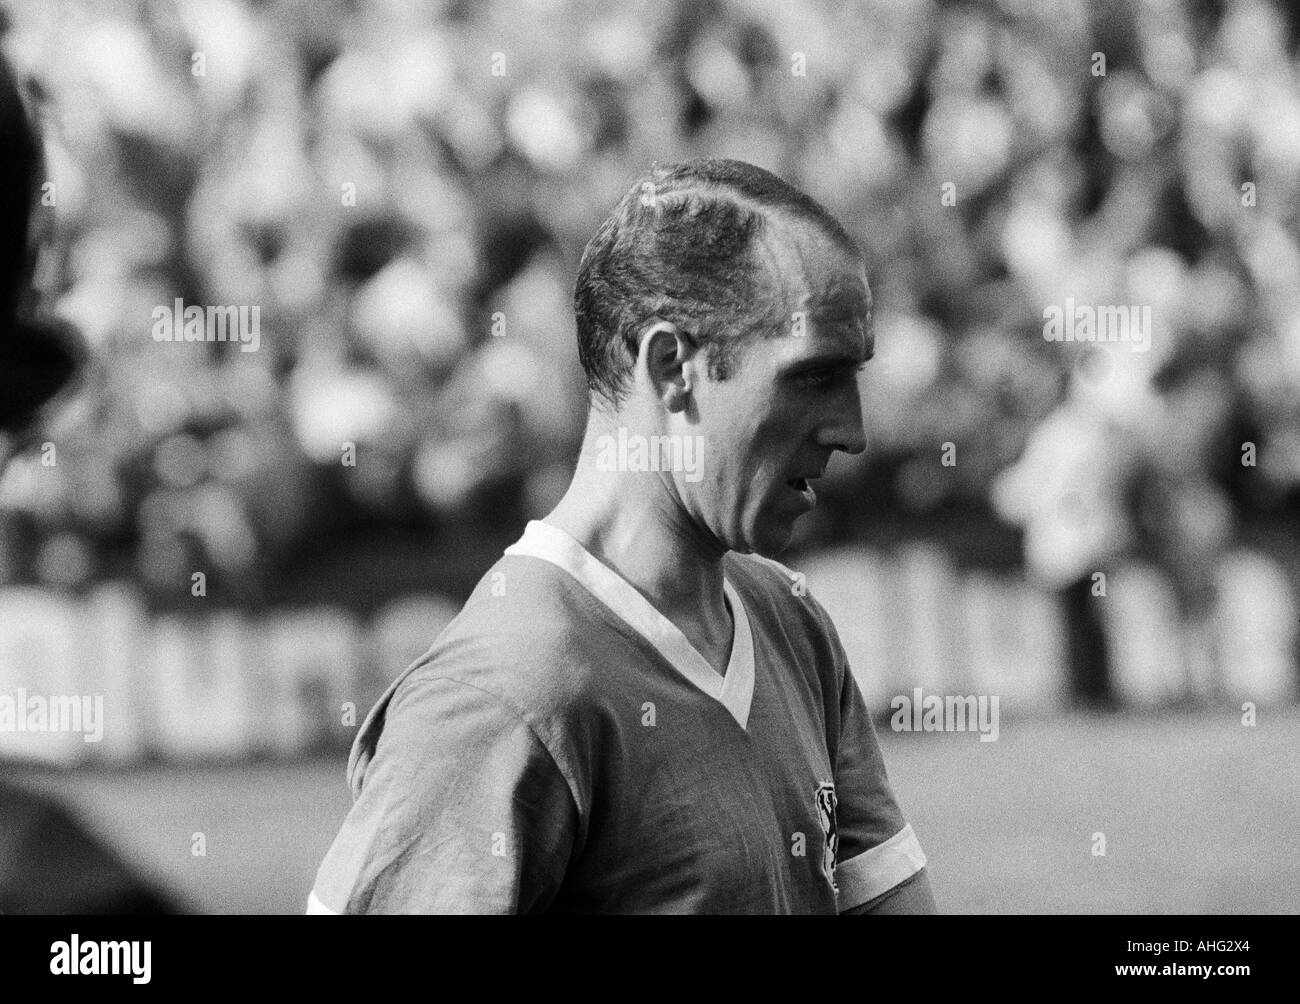 football, Bundesliga, 1966/1967, Stadium at the Hafenstrasse in Essen, Rot-Weiss Essen versus TSV 1860 Munich 2:2, football player, portrait of Peter Grosser (Munich) - Stock Image